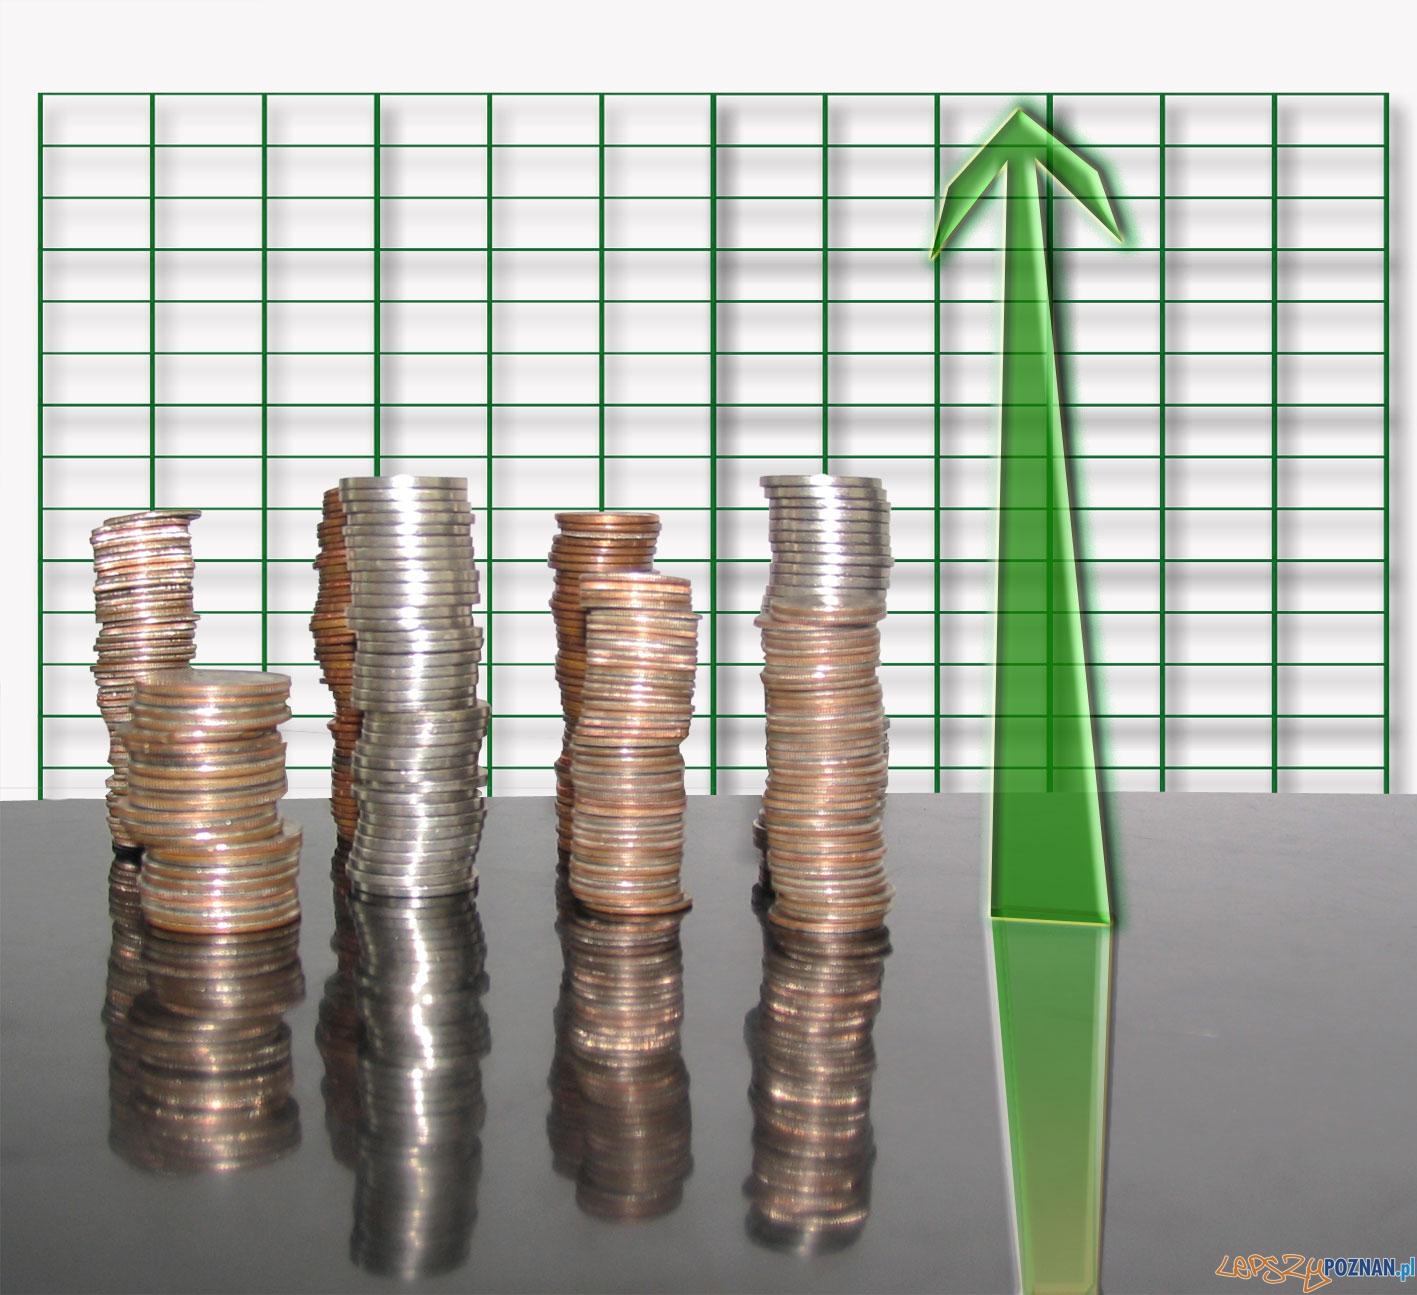 pieniądze, fundusze, wzrost  Foto: sxc